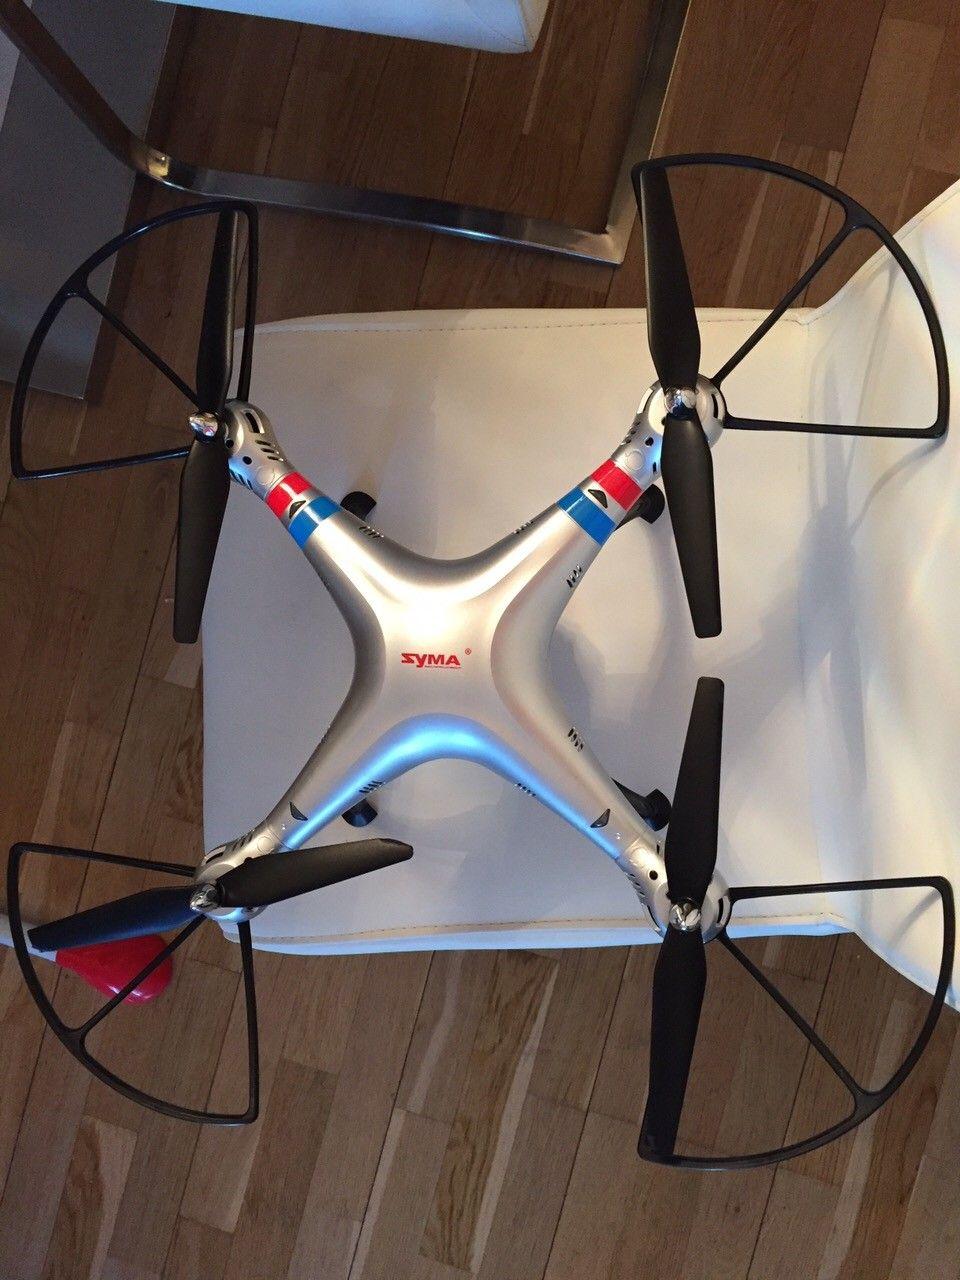 Drone helt til salgs - Oslo  - Drone helt ny til salgs den er kjempe diger kan ta bilder med kamera i lufta og alt. - Oslo